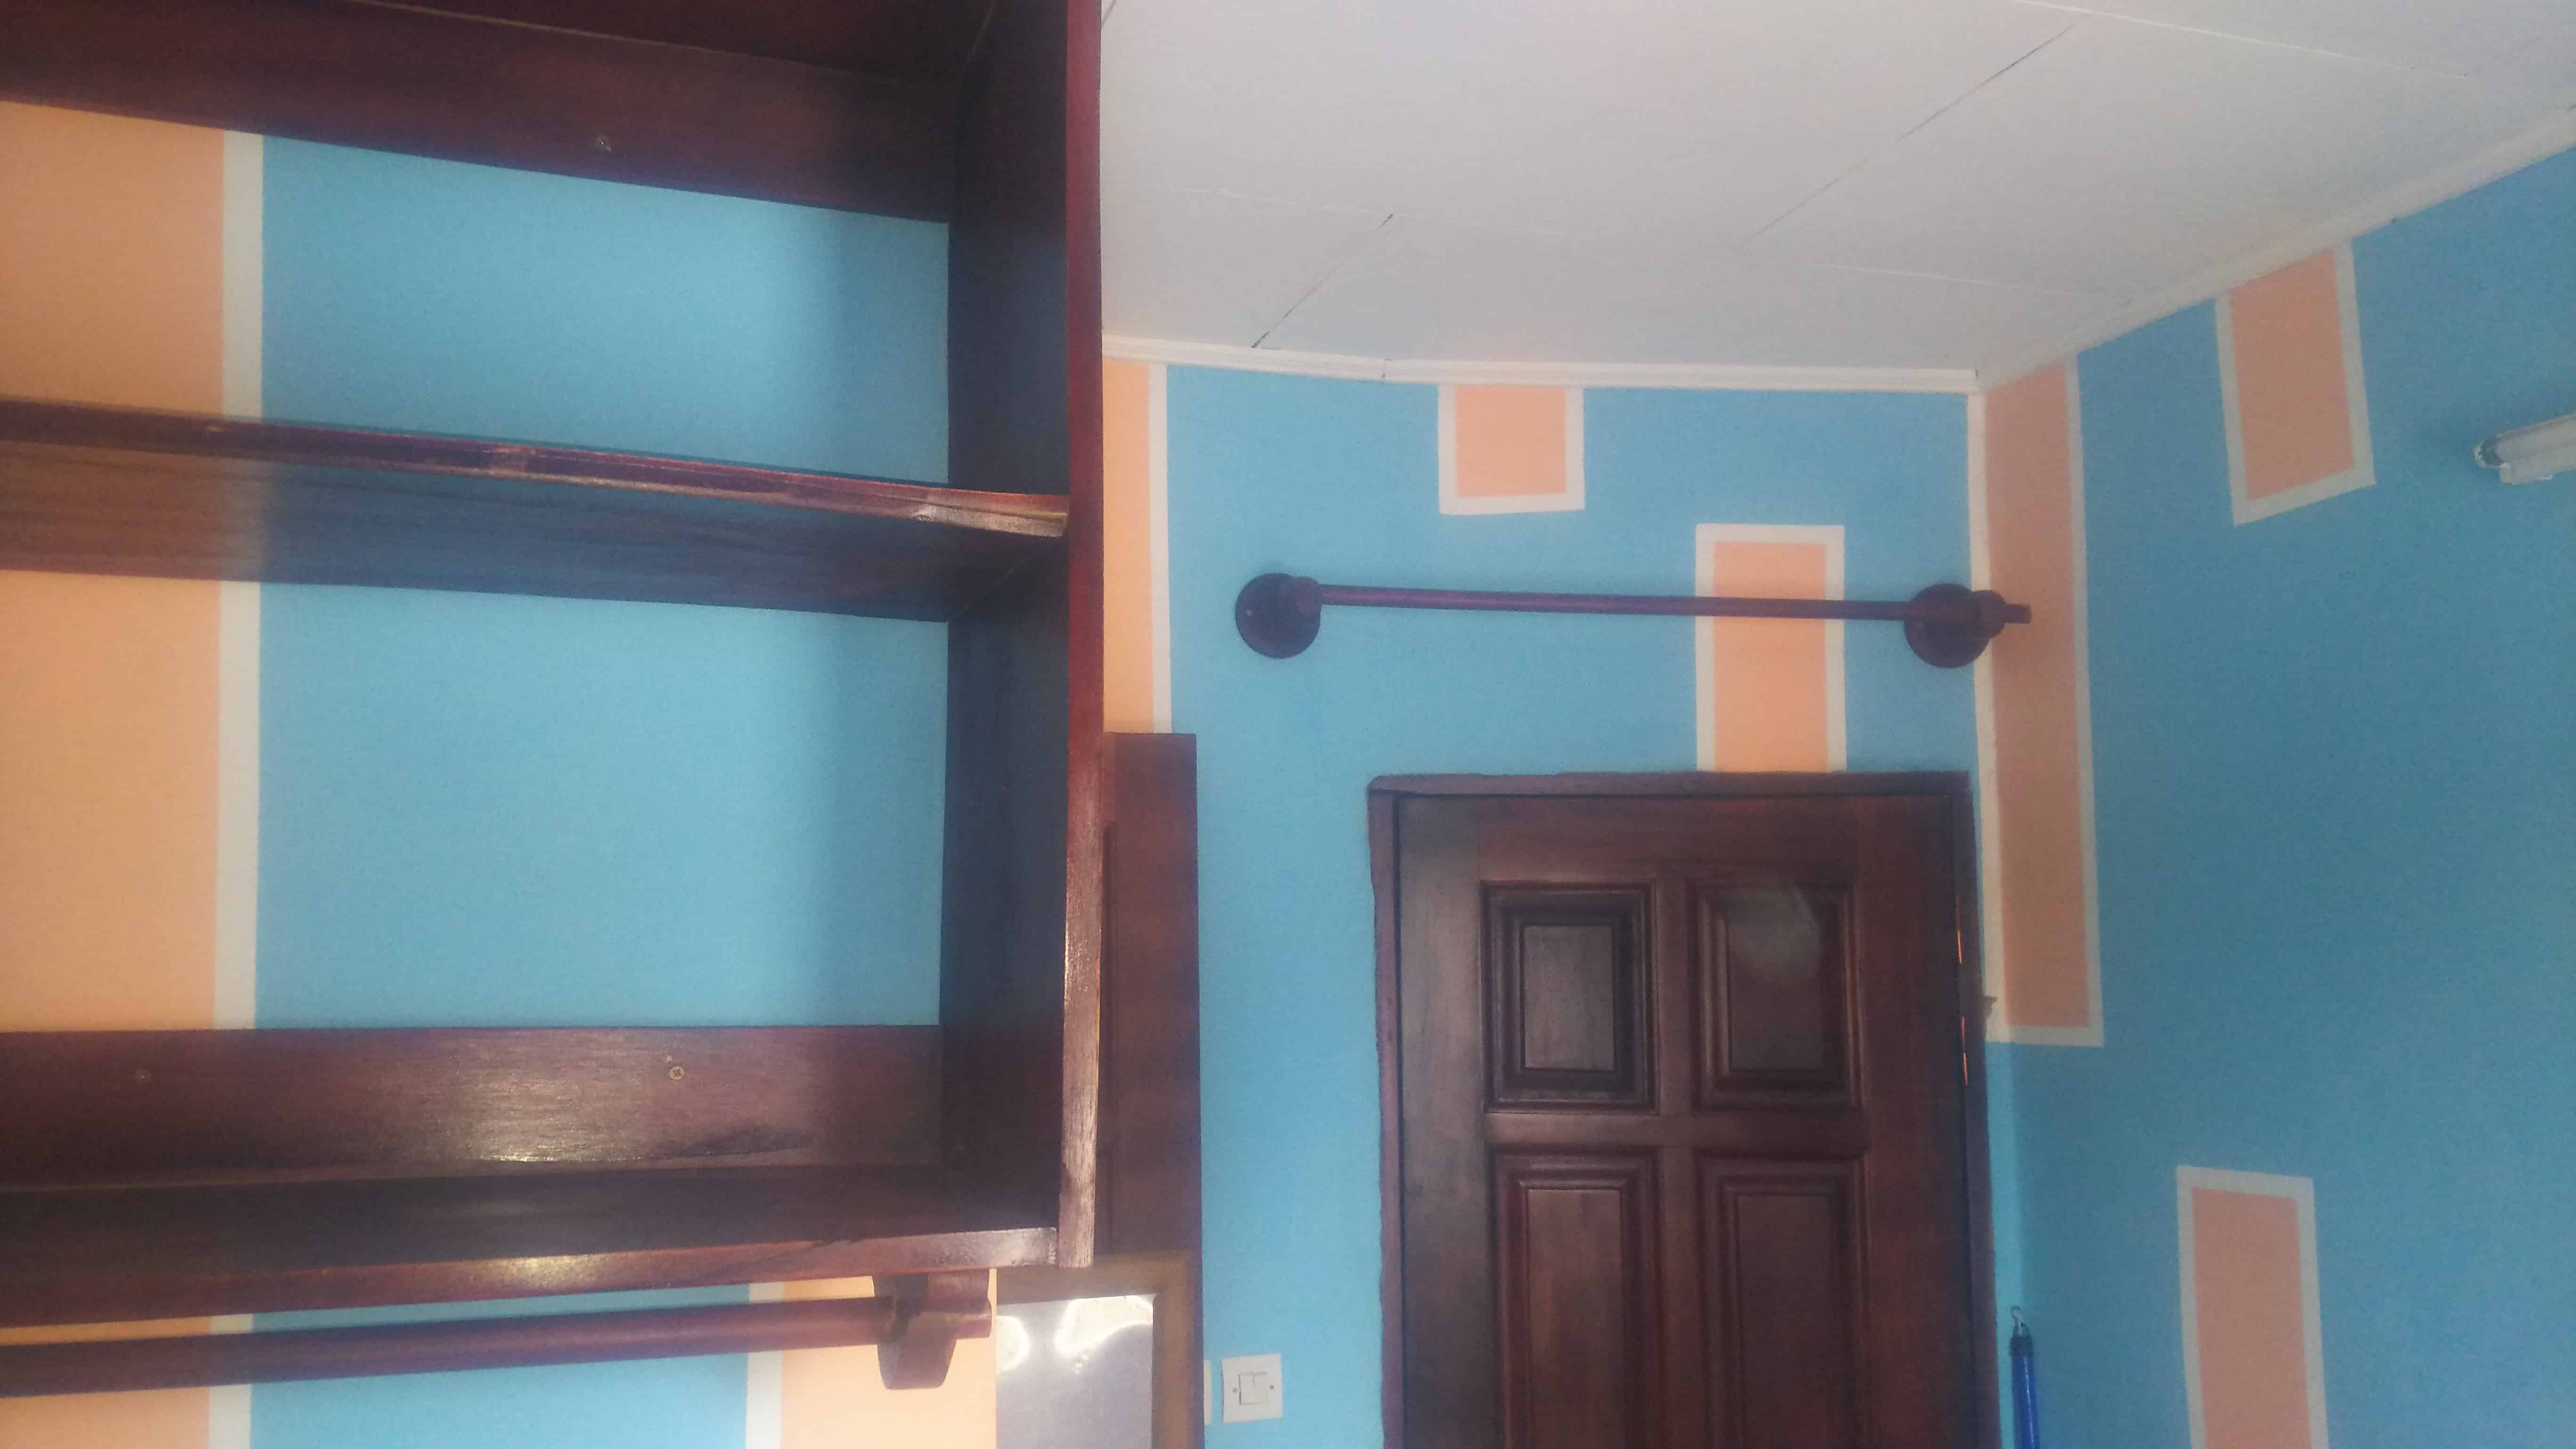 Studio to rent - Douala, Ndoghem, Cité Cicam - 30 000 FCFA / month